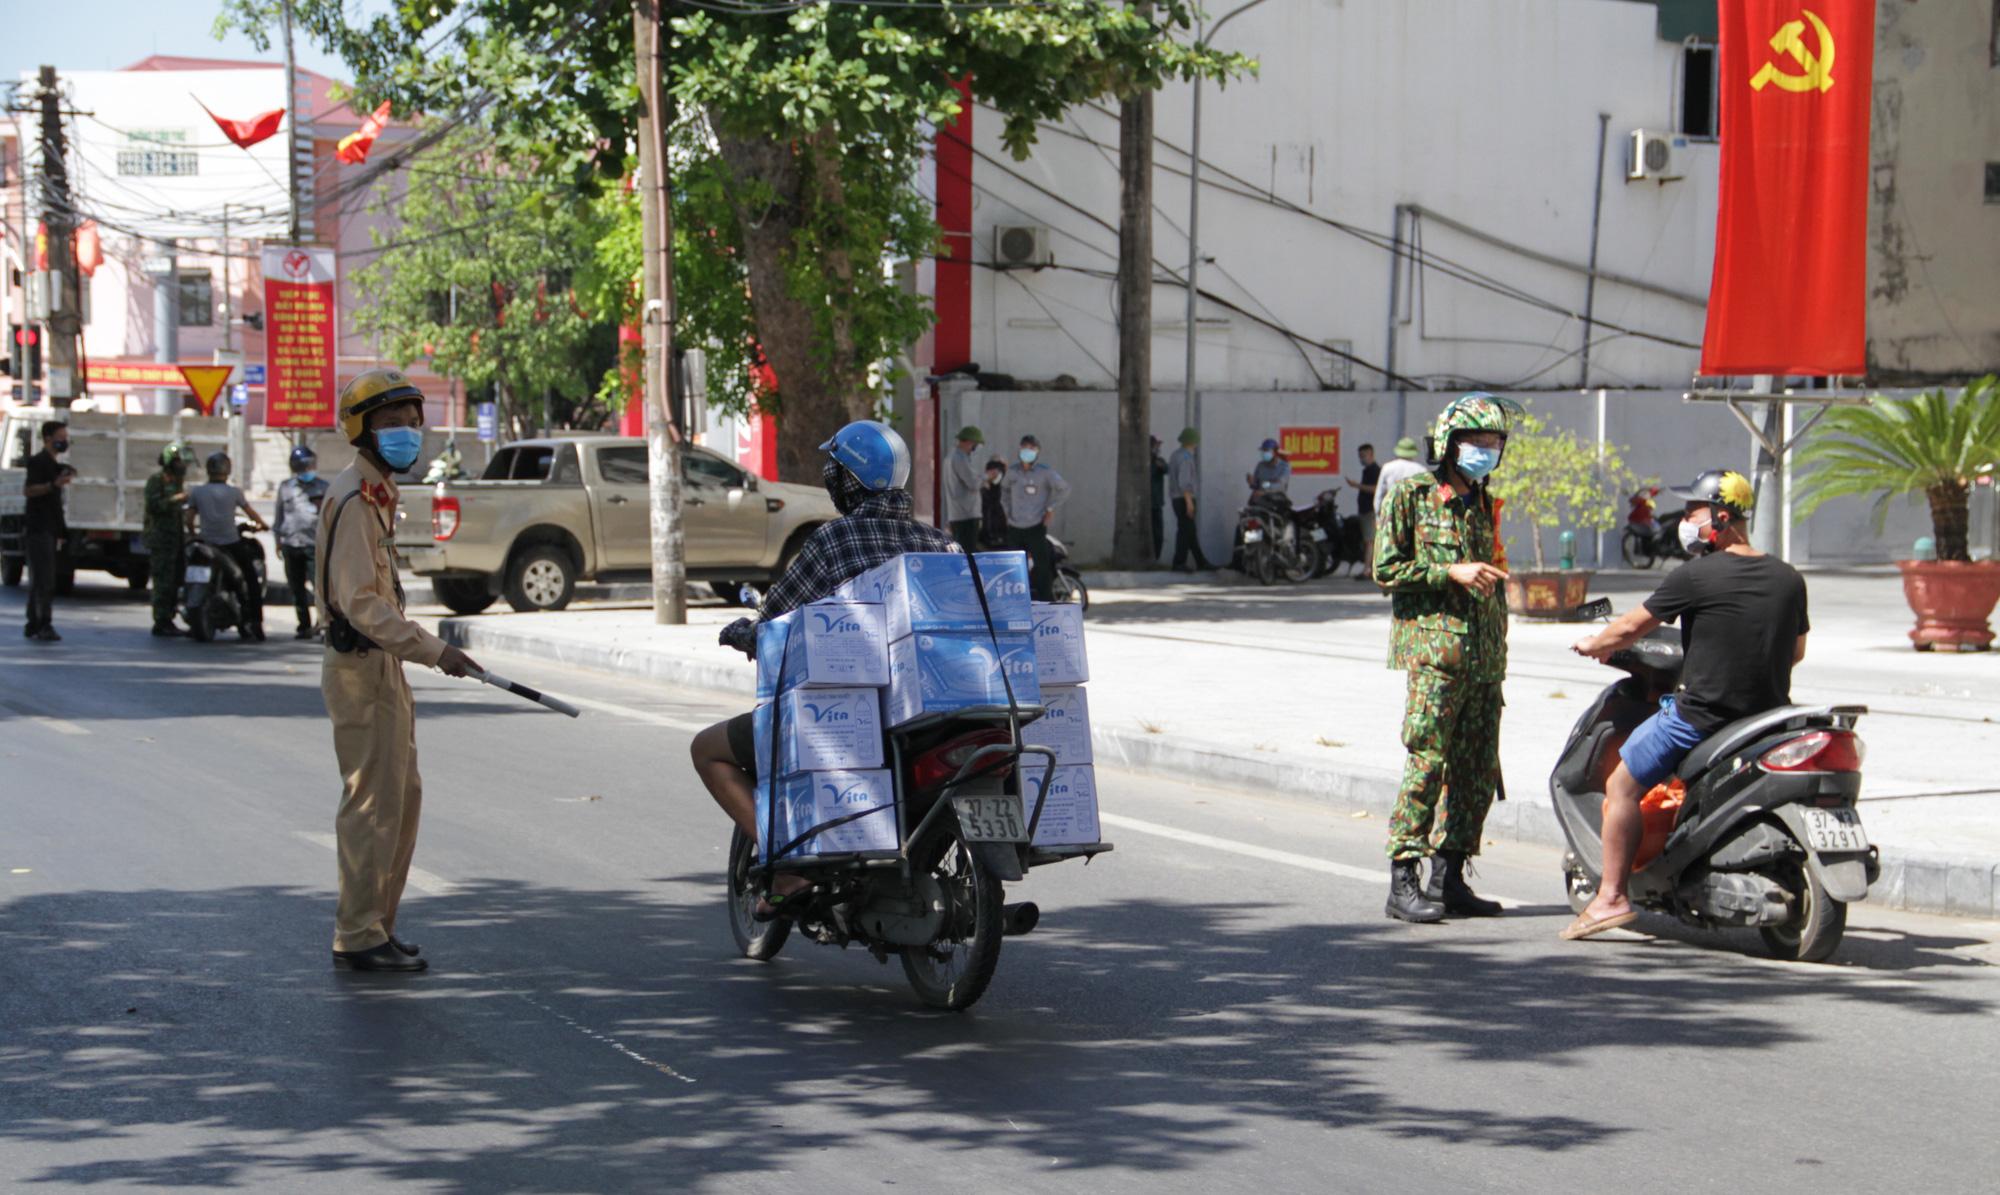 Kiểm soát người ra đường giữa Chỉ thị 16 ở TP Vinh: Công an gọi điện xác minh tận nơi nếu khai báo quanh co - Ảnh 1.